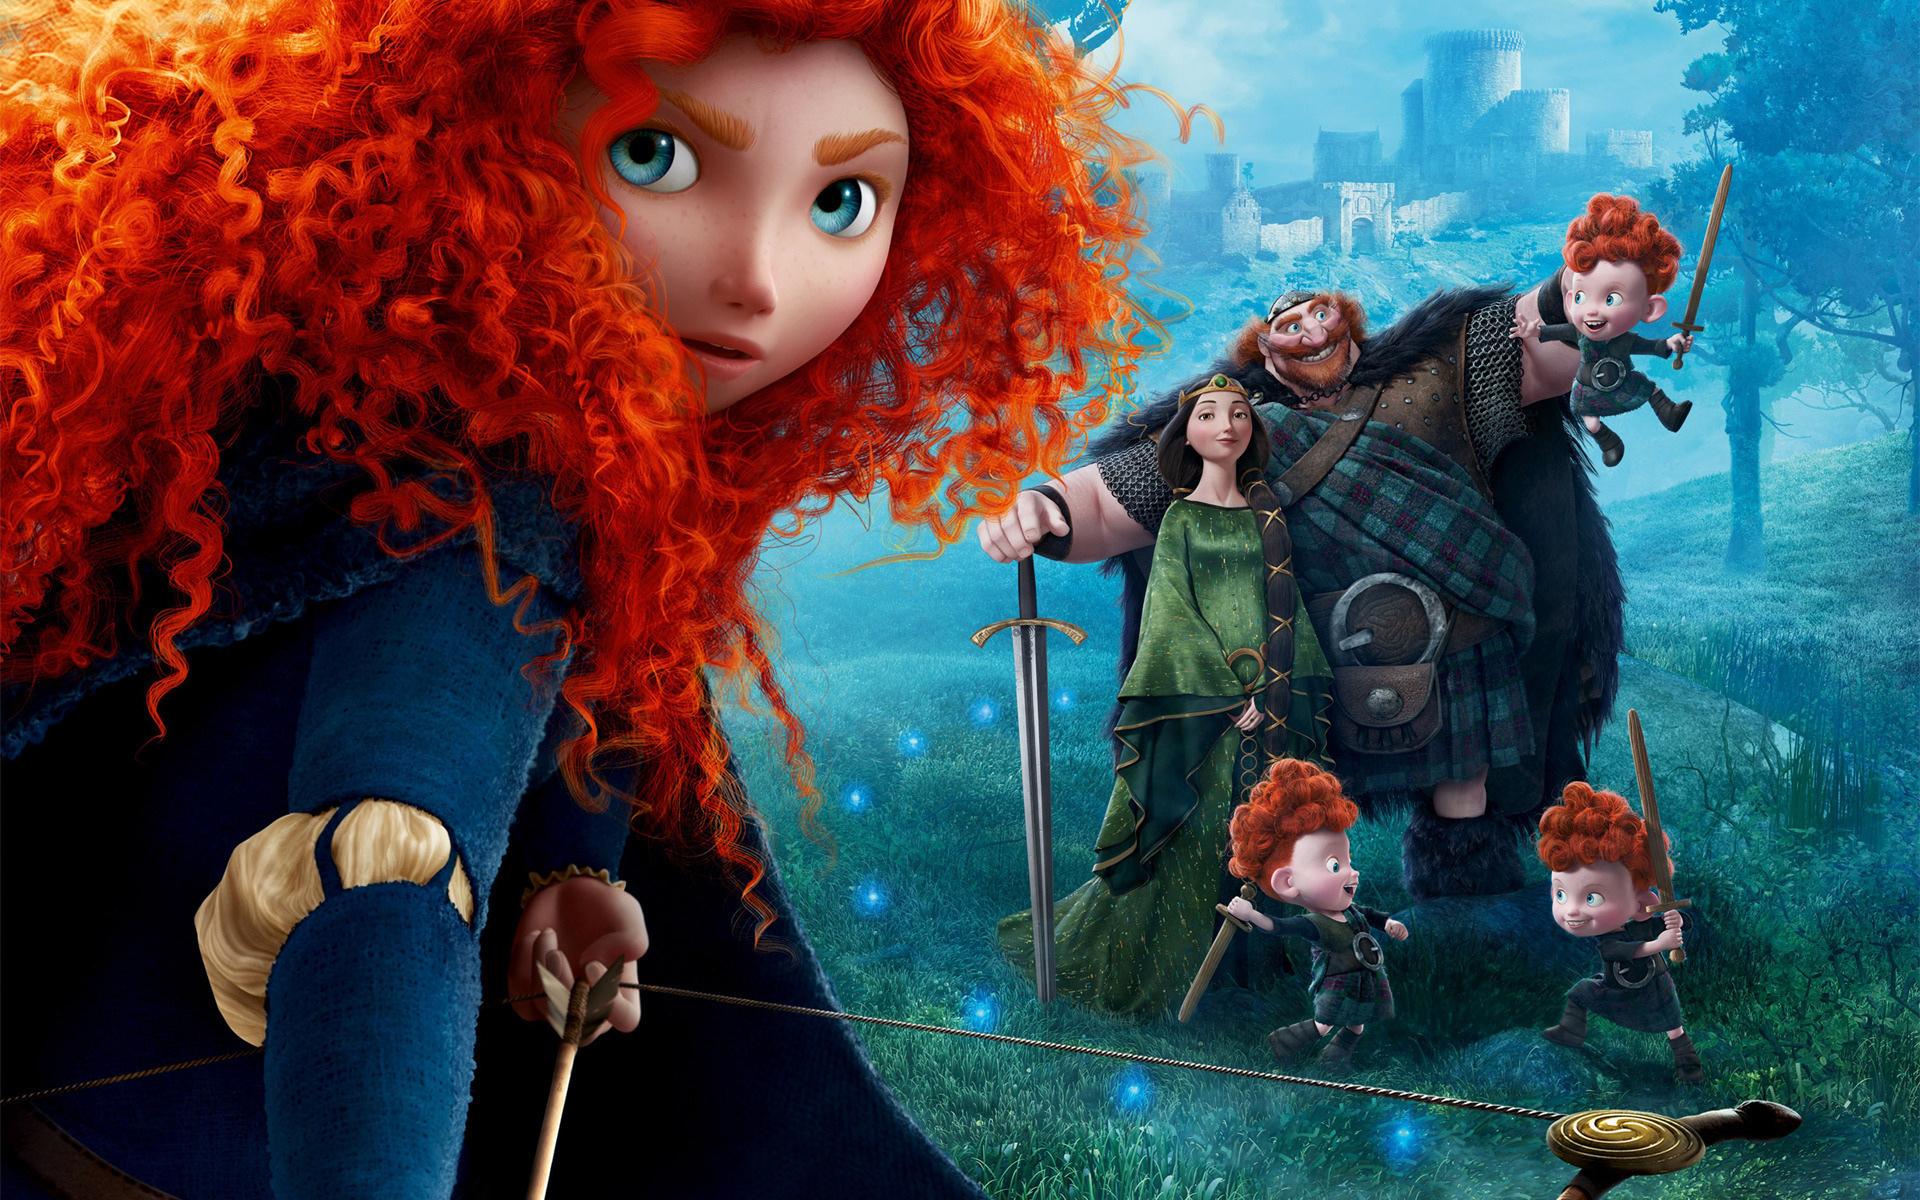 Принцессы с рыжими волосами